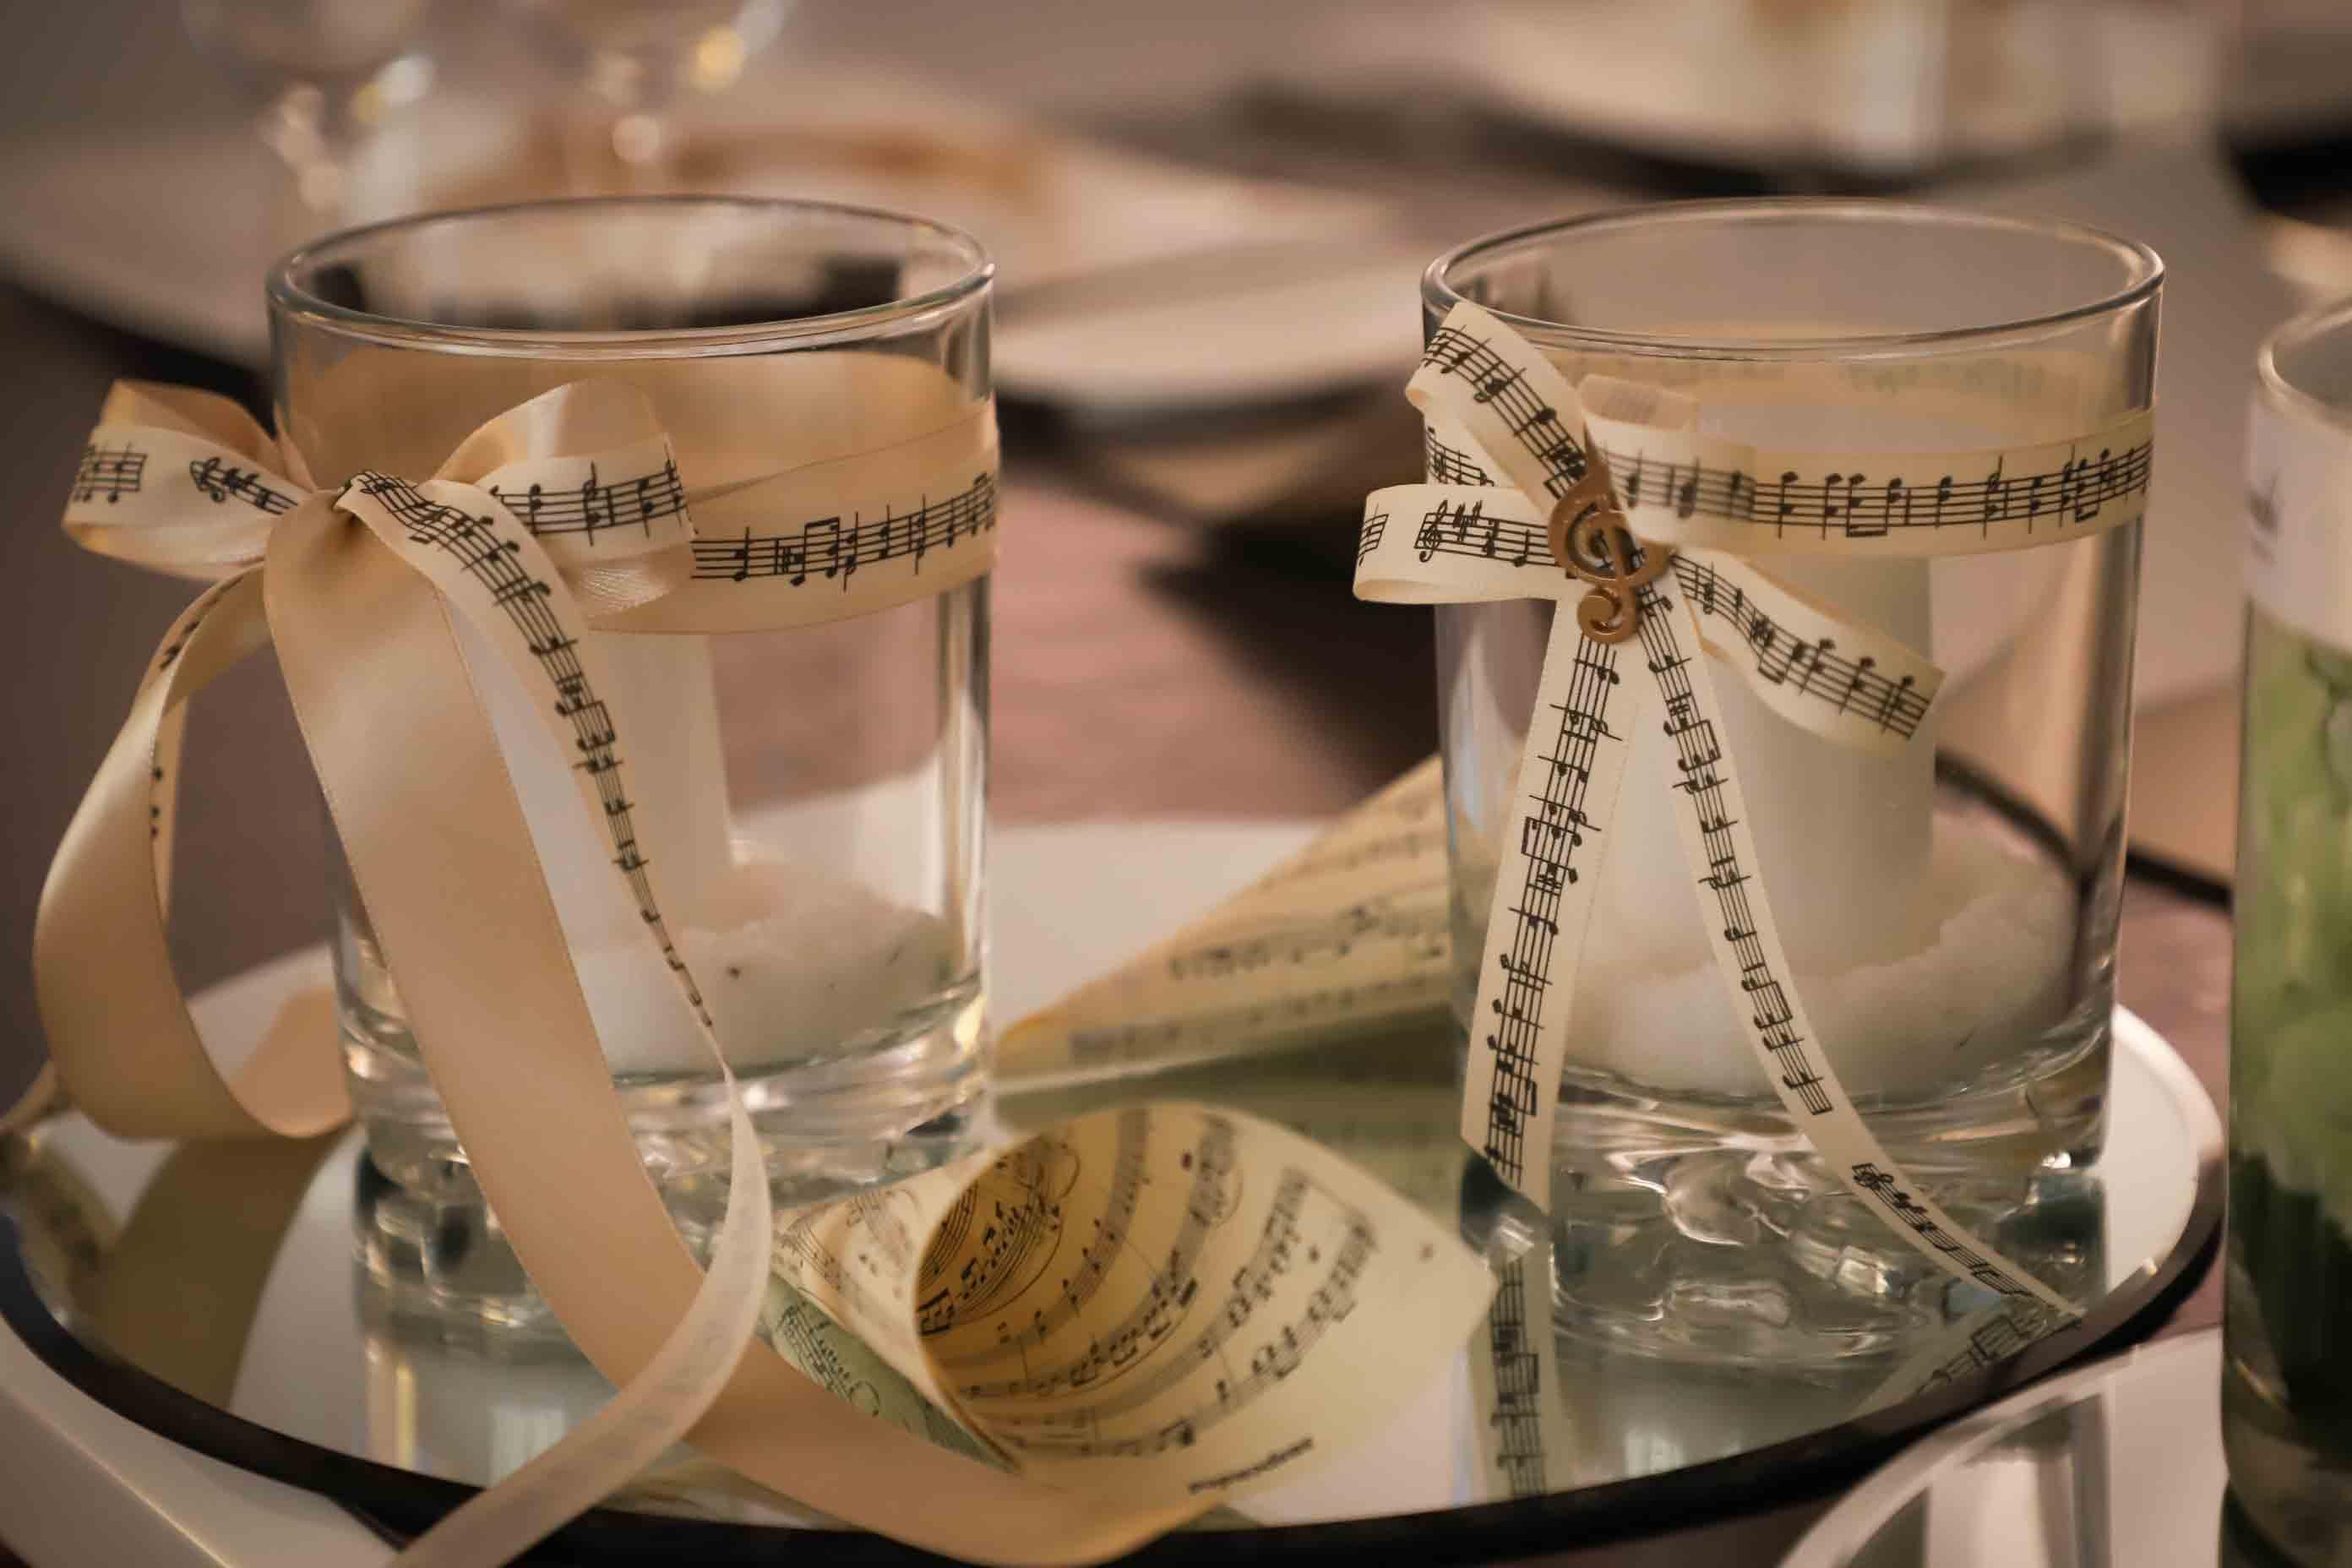 Idee Bomboniere Originali Matrimonio.Bomboniere Matrimonio 2018 5 Idee Originali E Utili